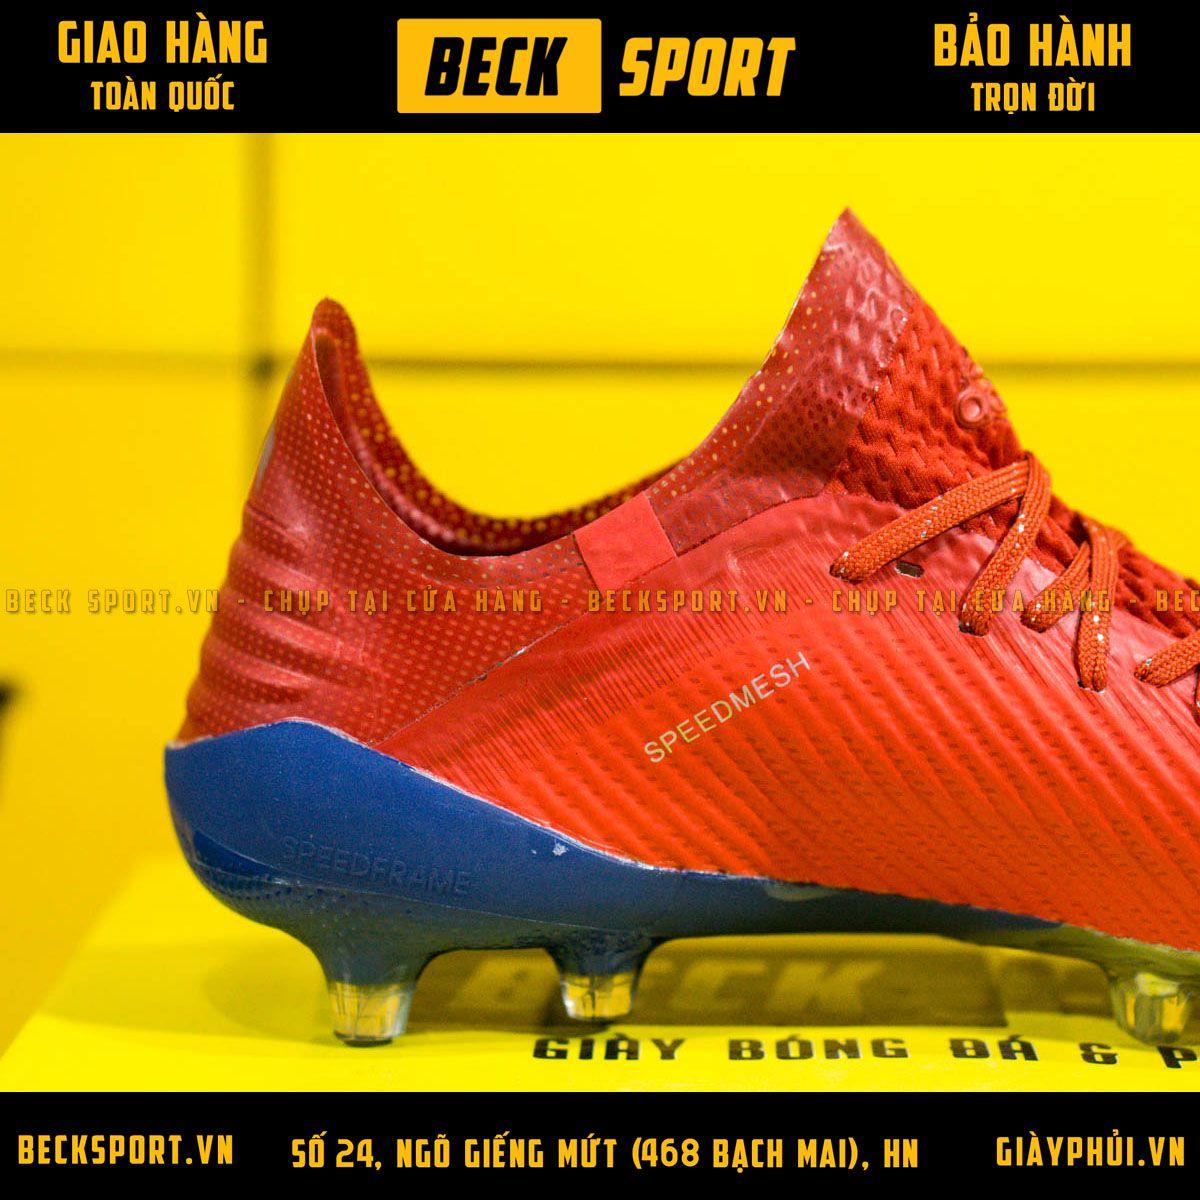 Giày Bóng Đá Adidas X 19.1 Đỏ Vạch Bạc Đế Bạc Xanh FG